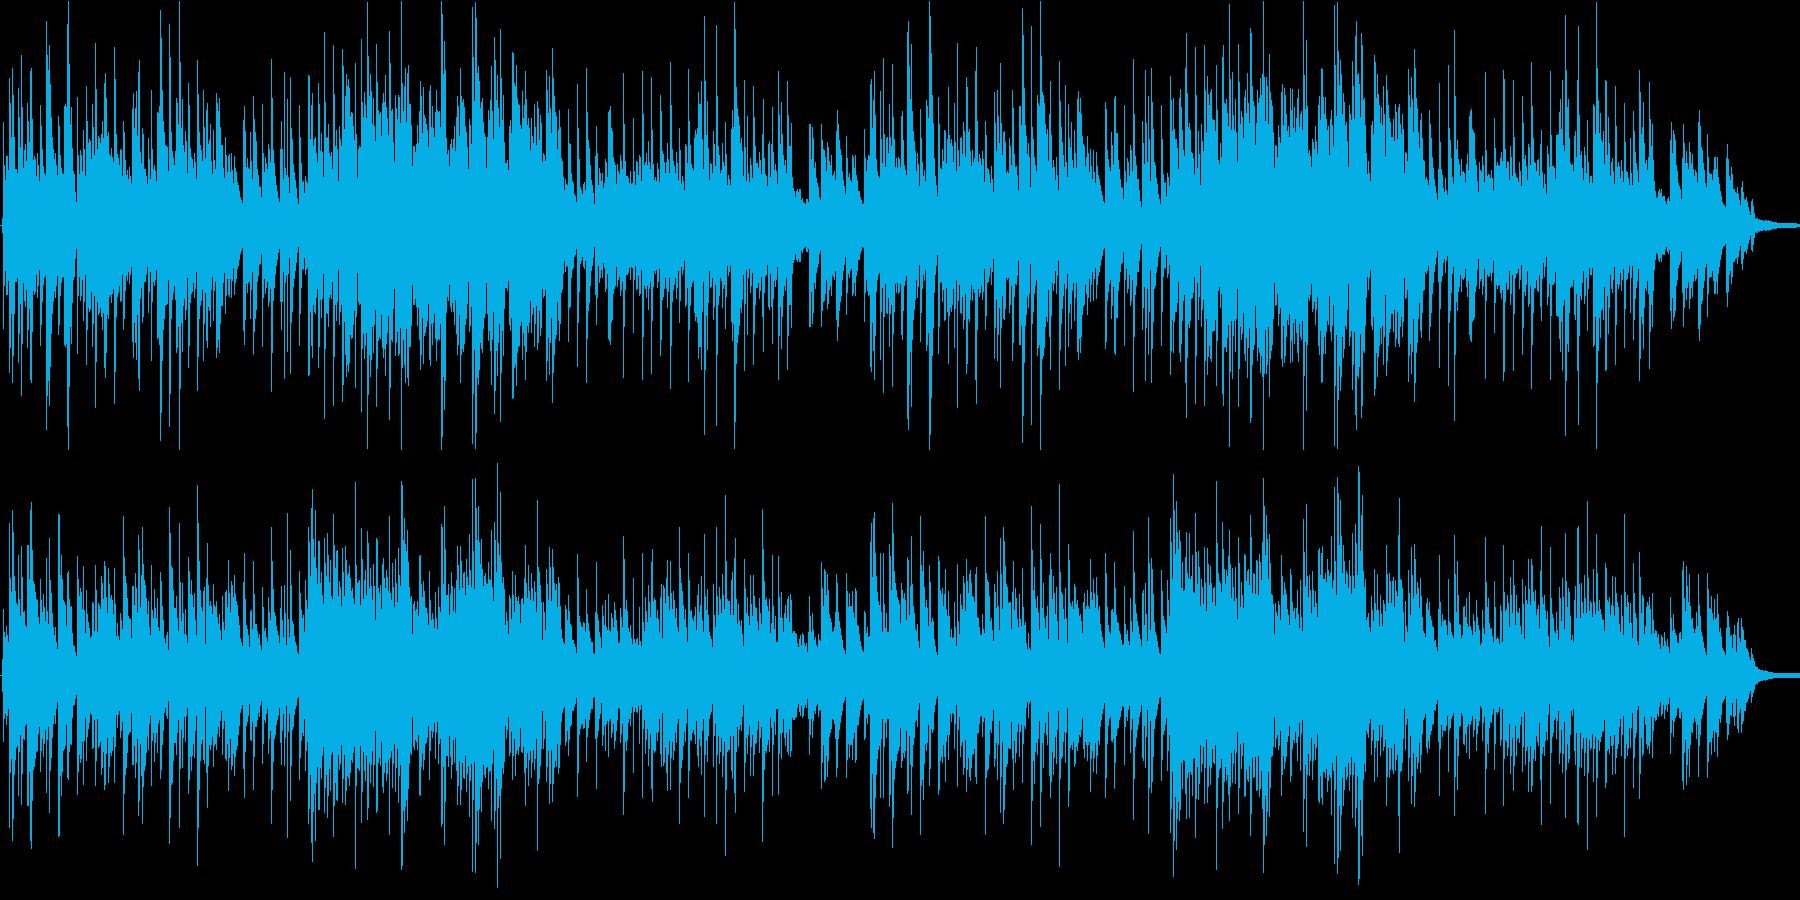 優しい3拍子のシンプルなピアノソロの再生済みの波形